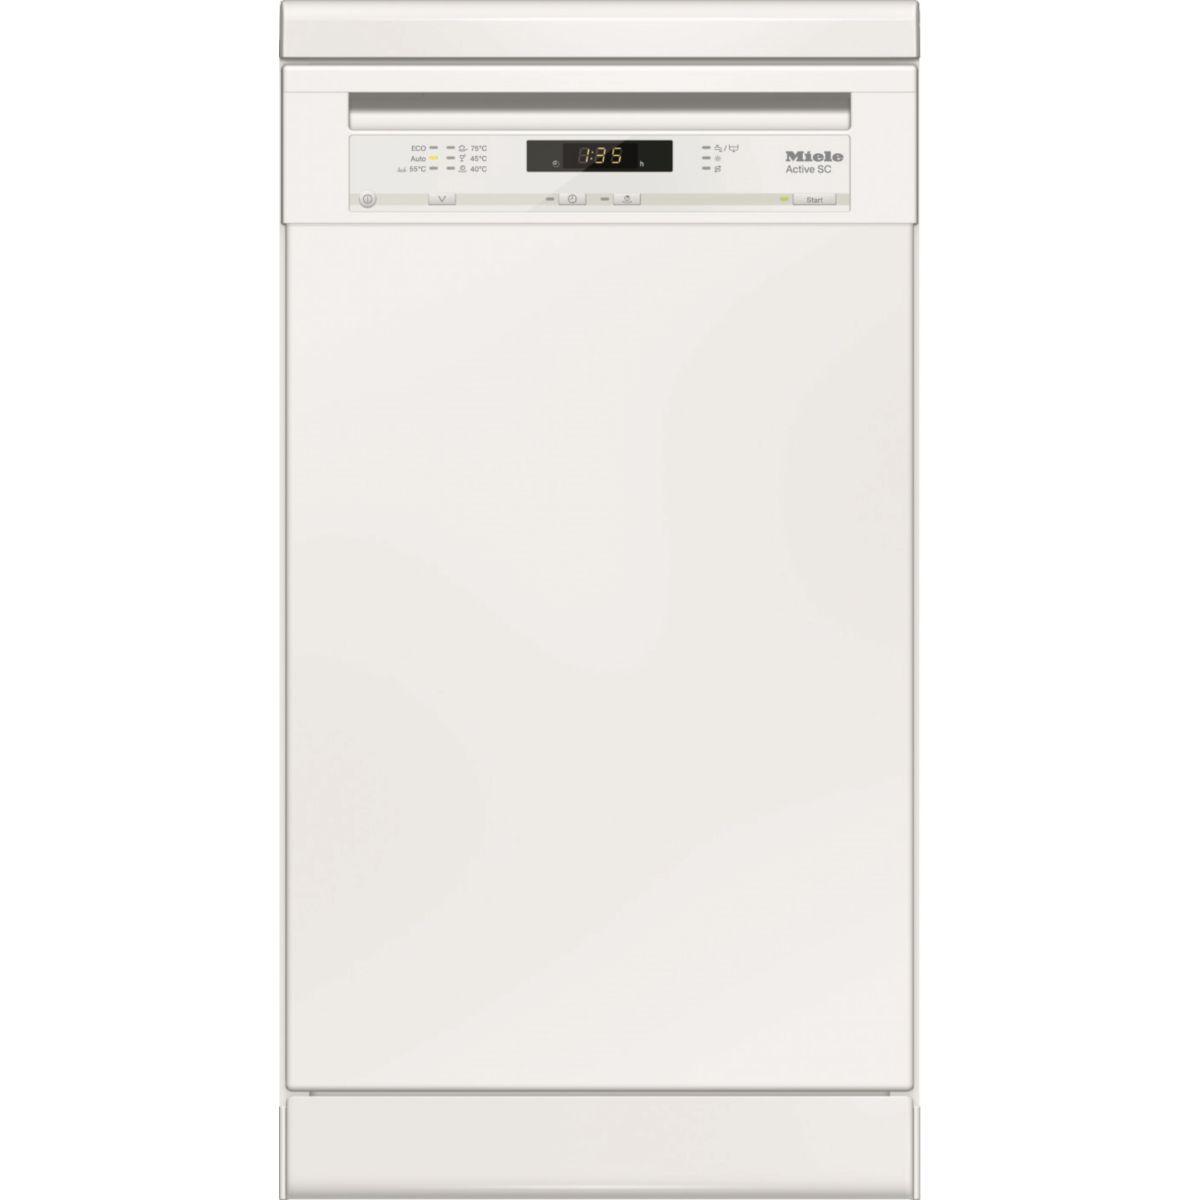 Lave vaisselle 45 cm MIELE G 4620 SC Active